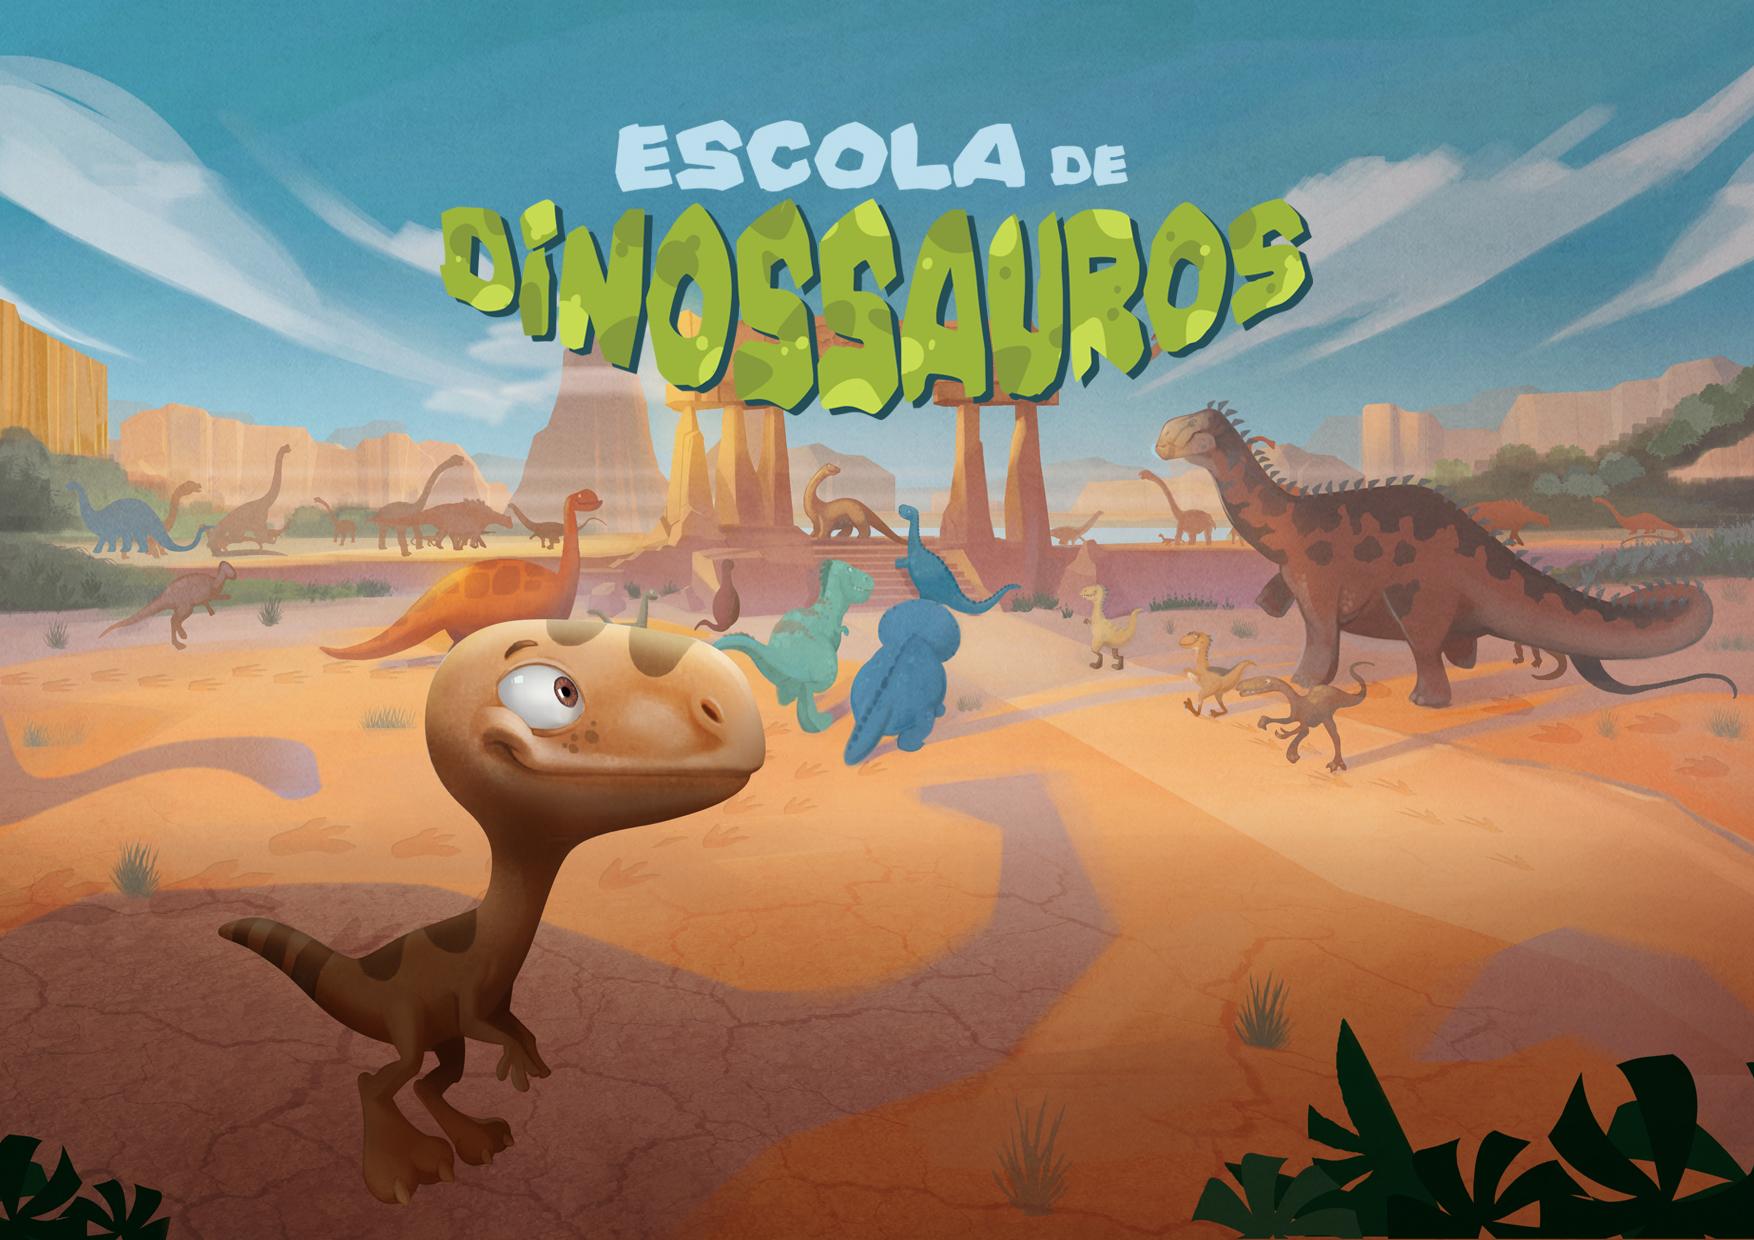 ancine_EscolaDinossauros_01